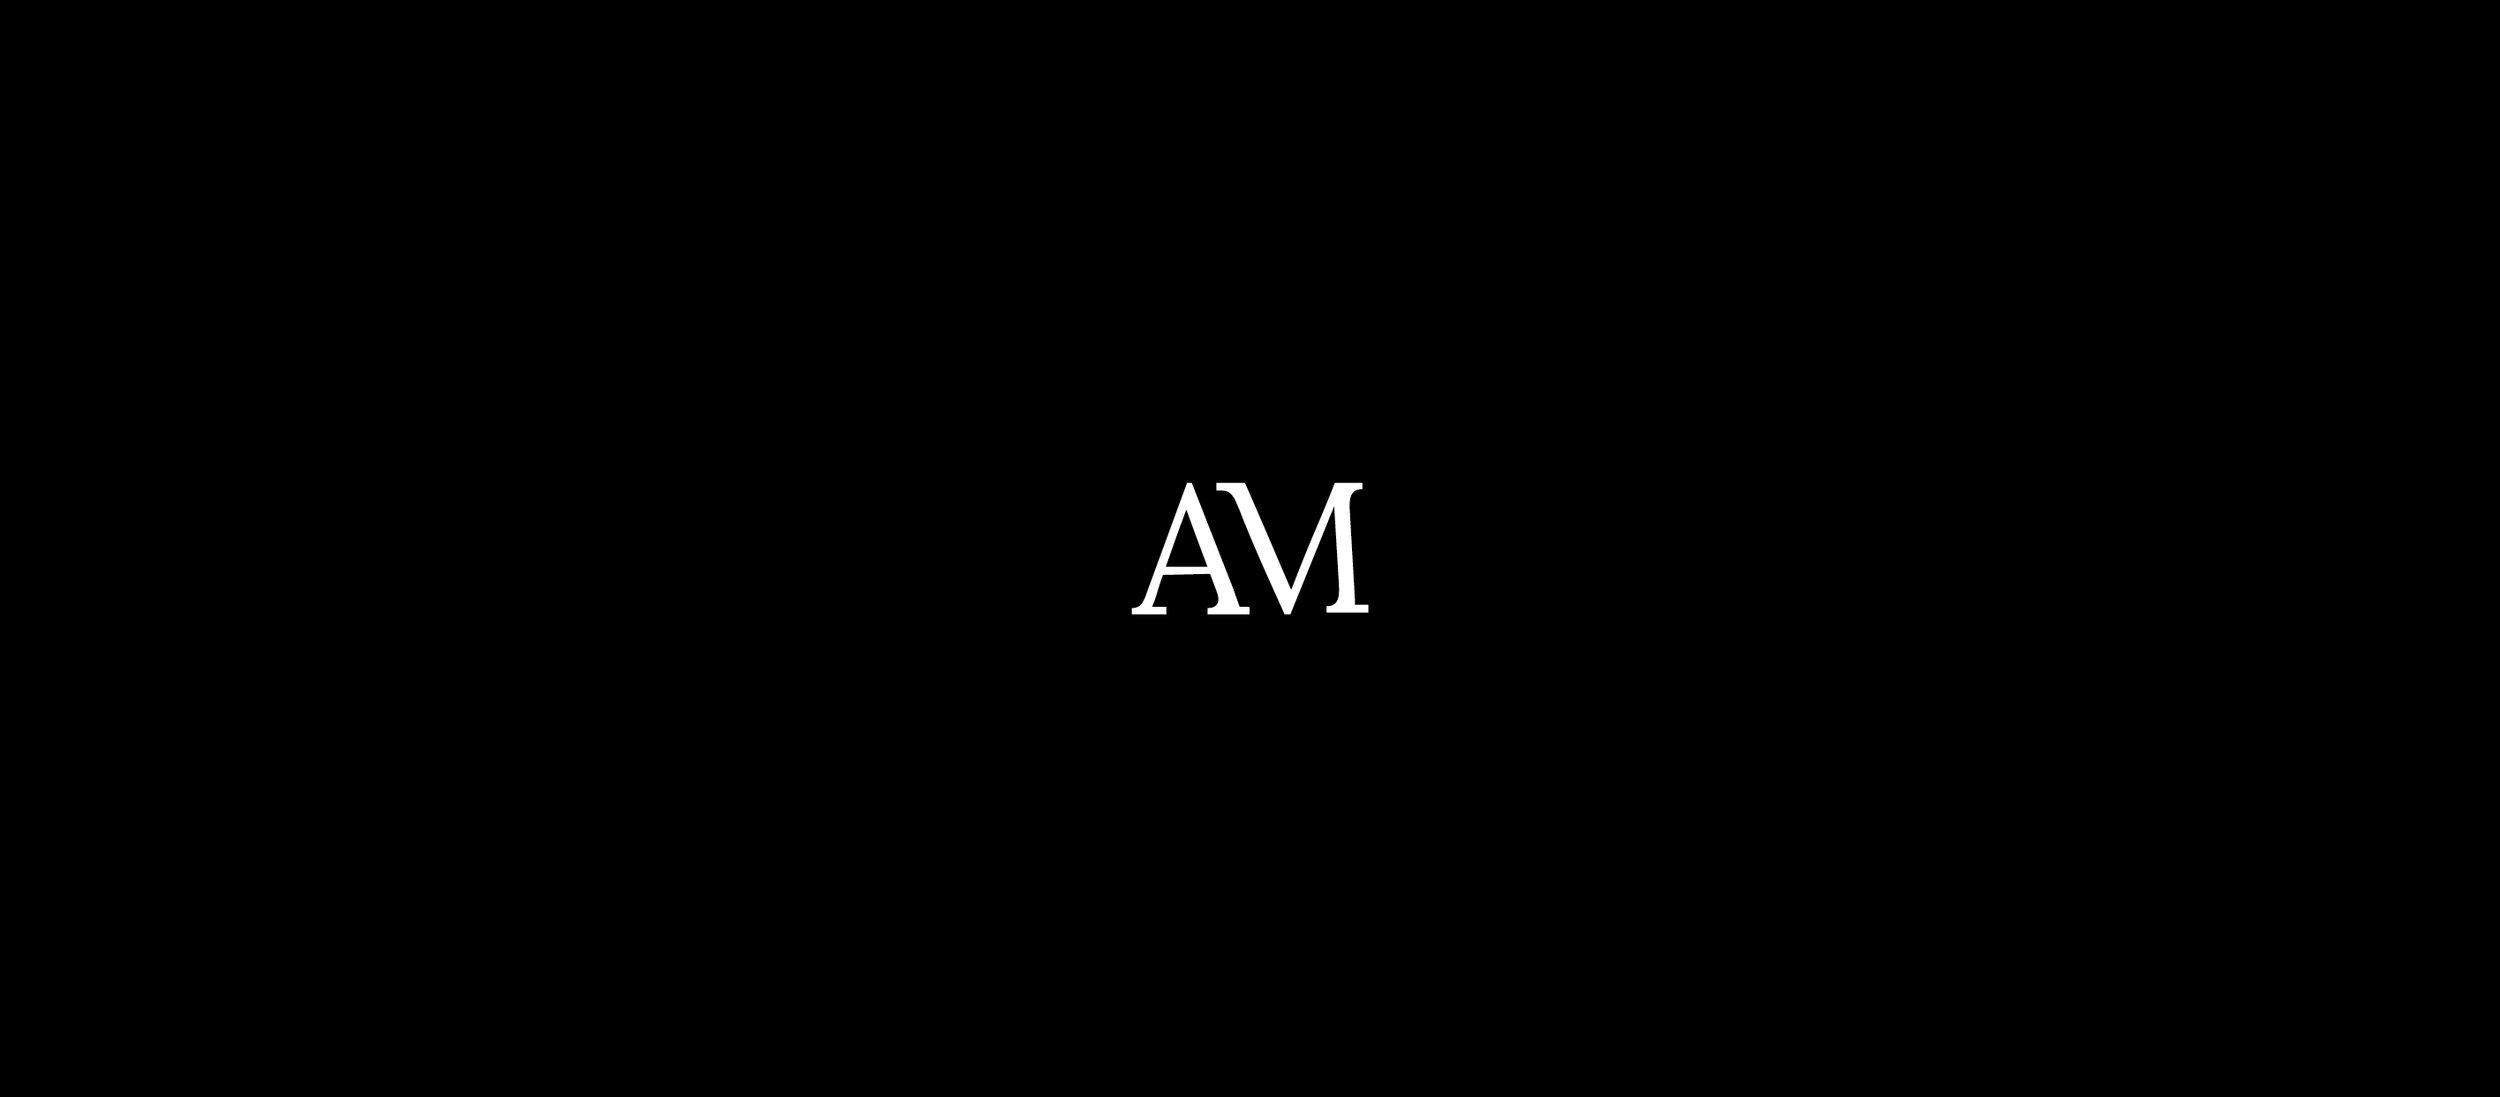 Logo design6.jpg